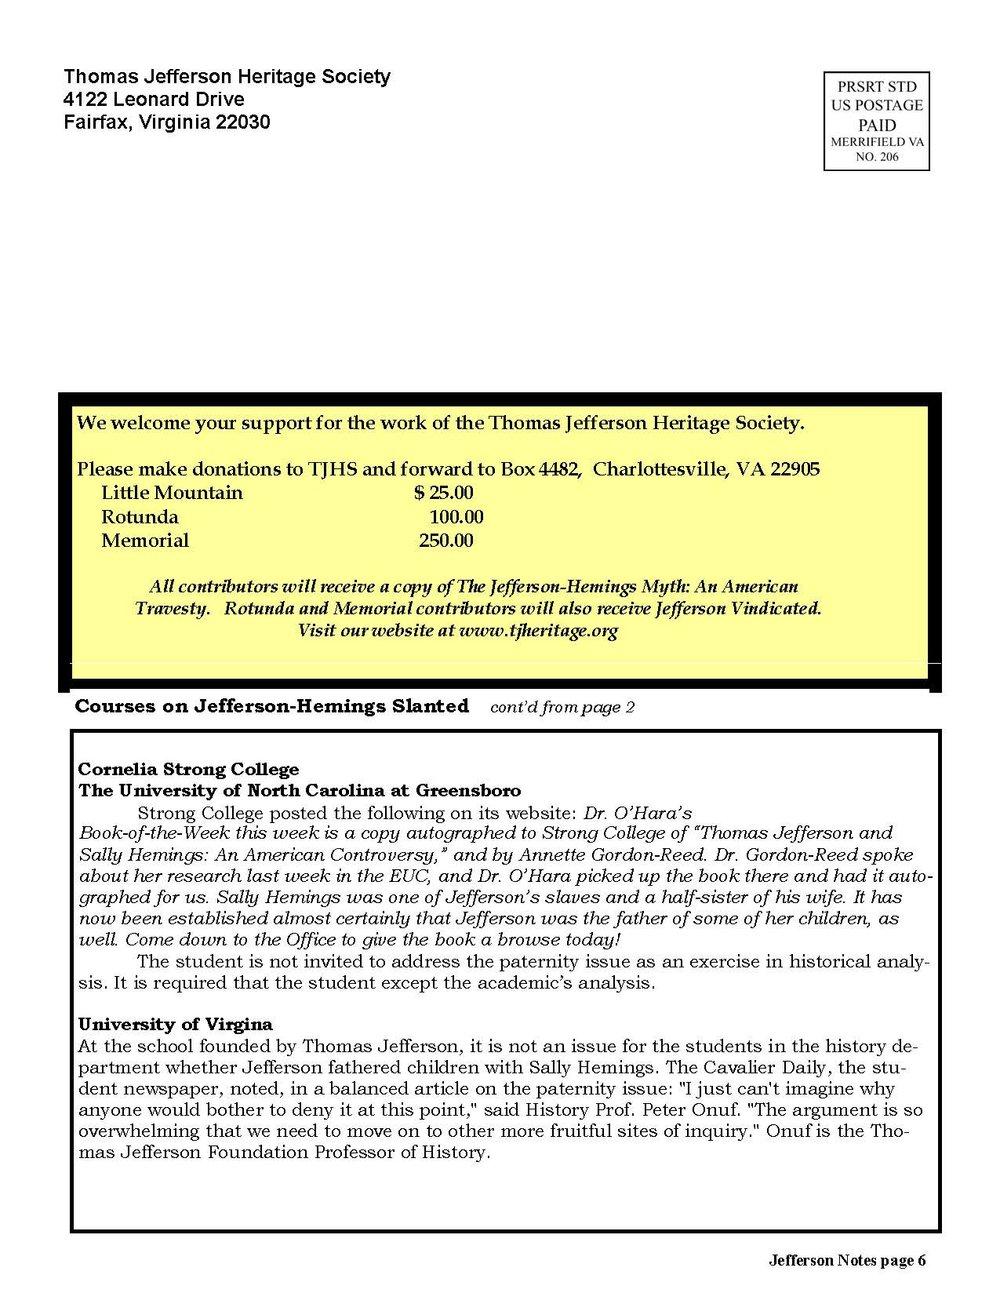 JNotesSpring2007_Page_6.jpg